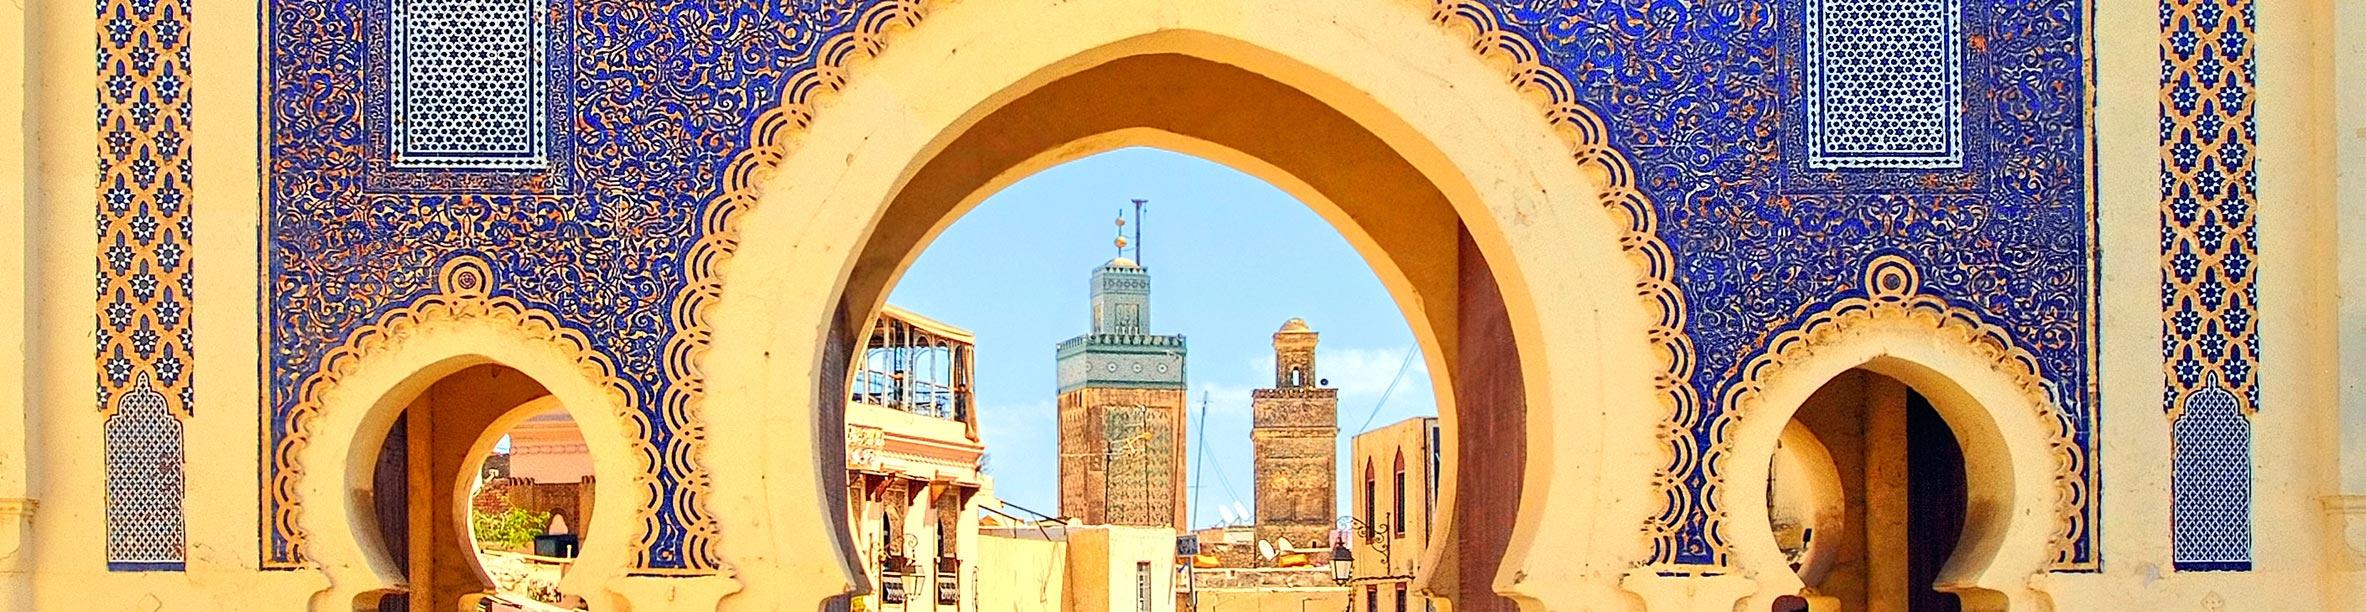 Porta blu, Fes - Marocco